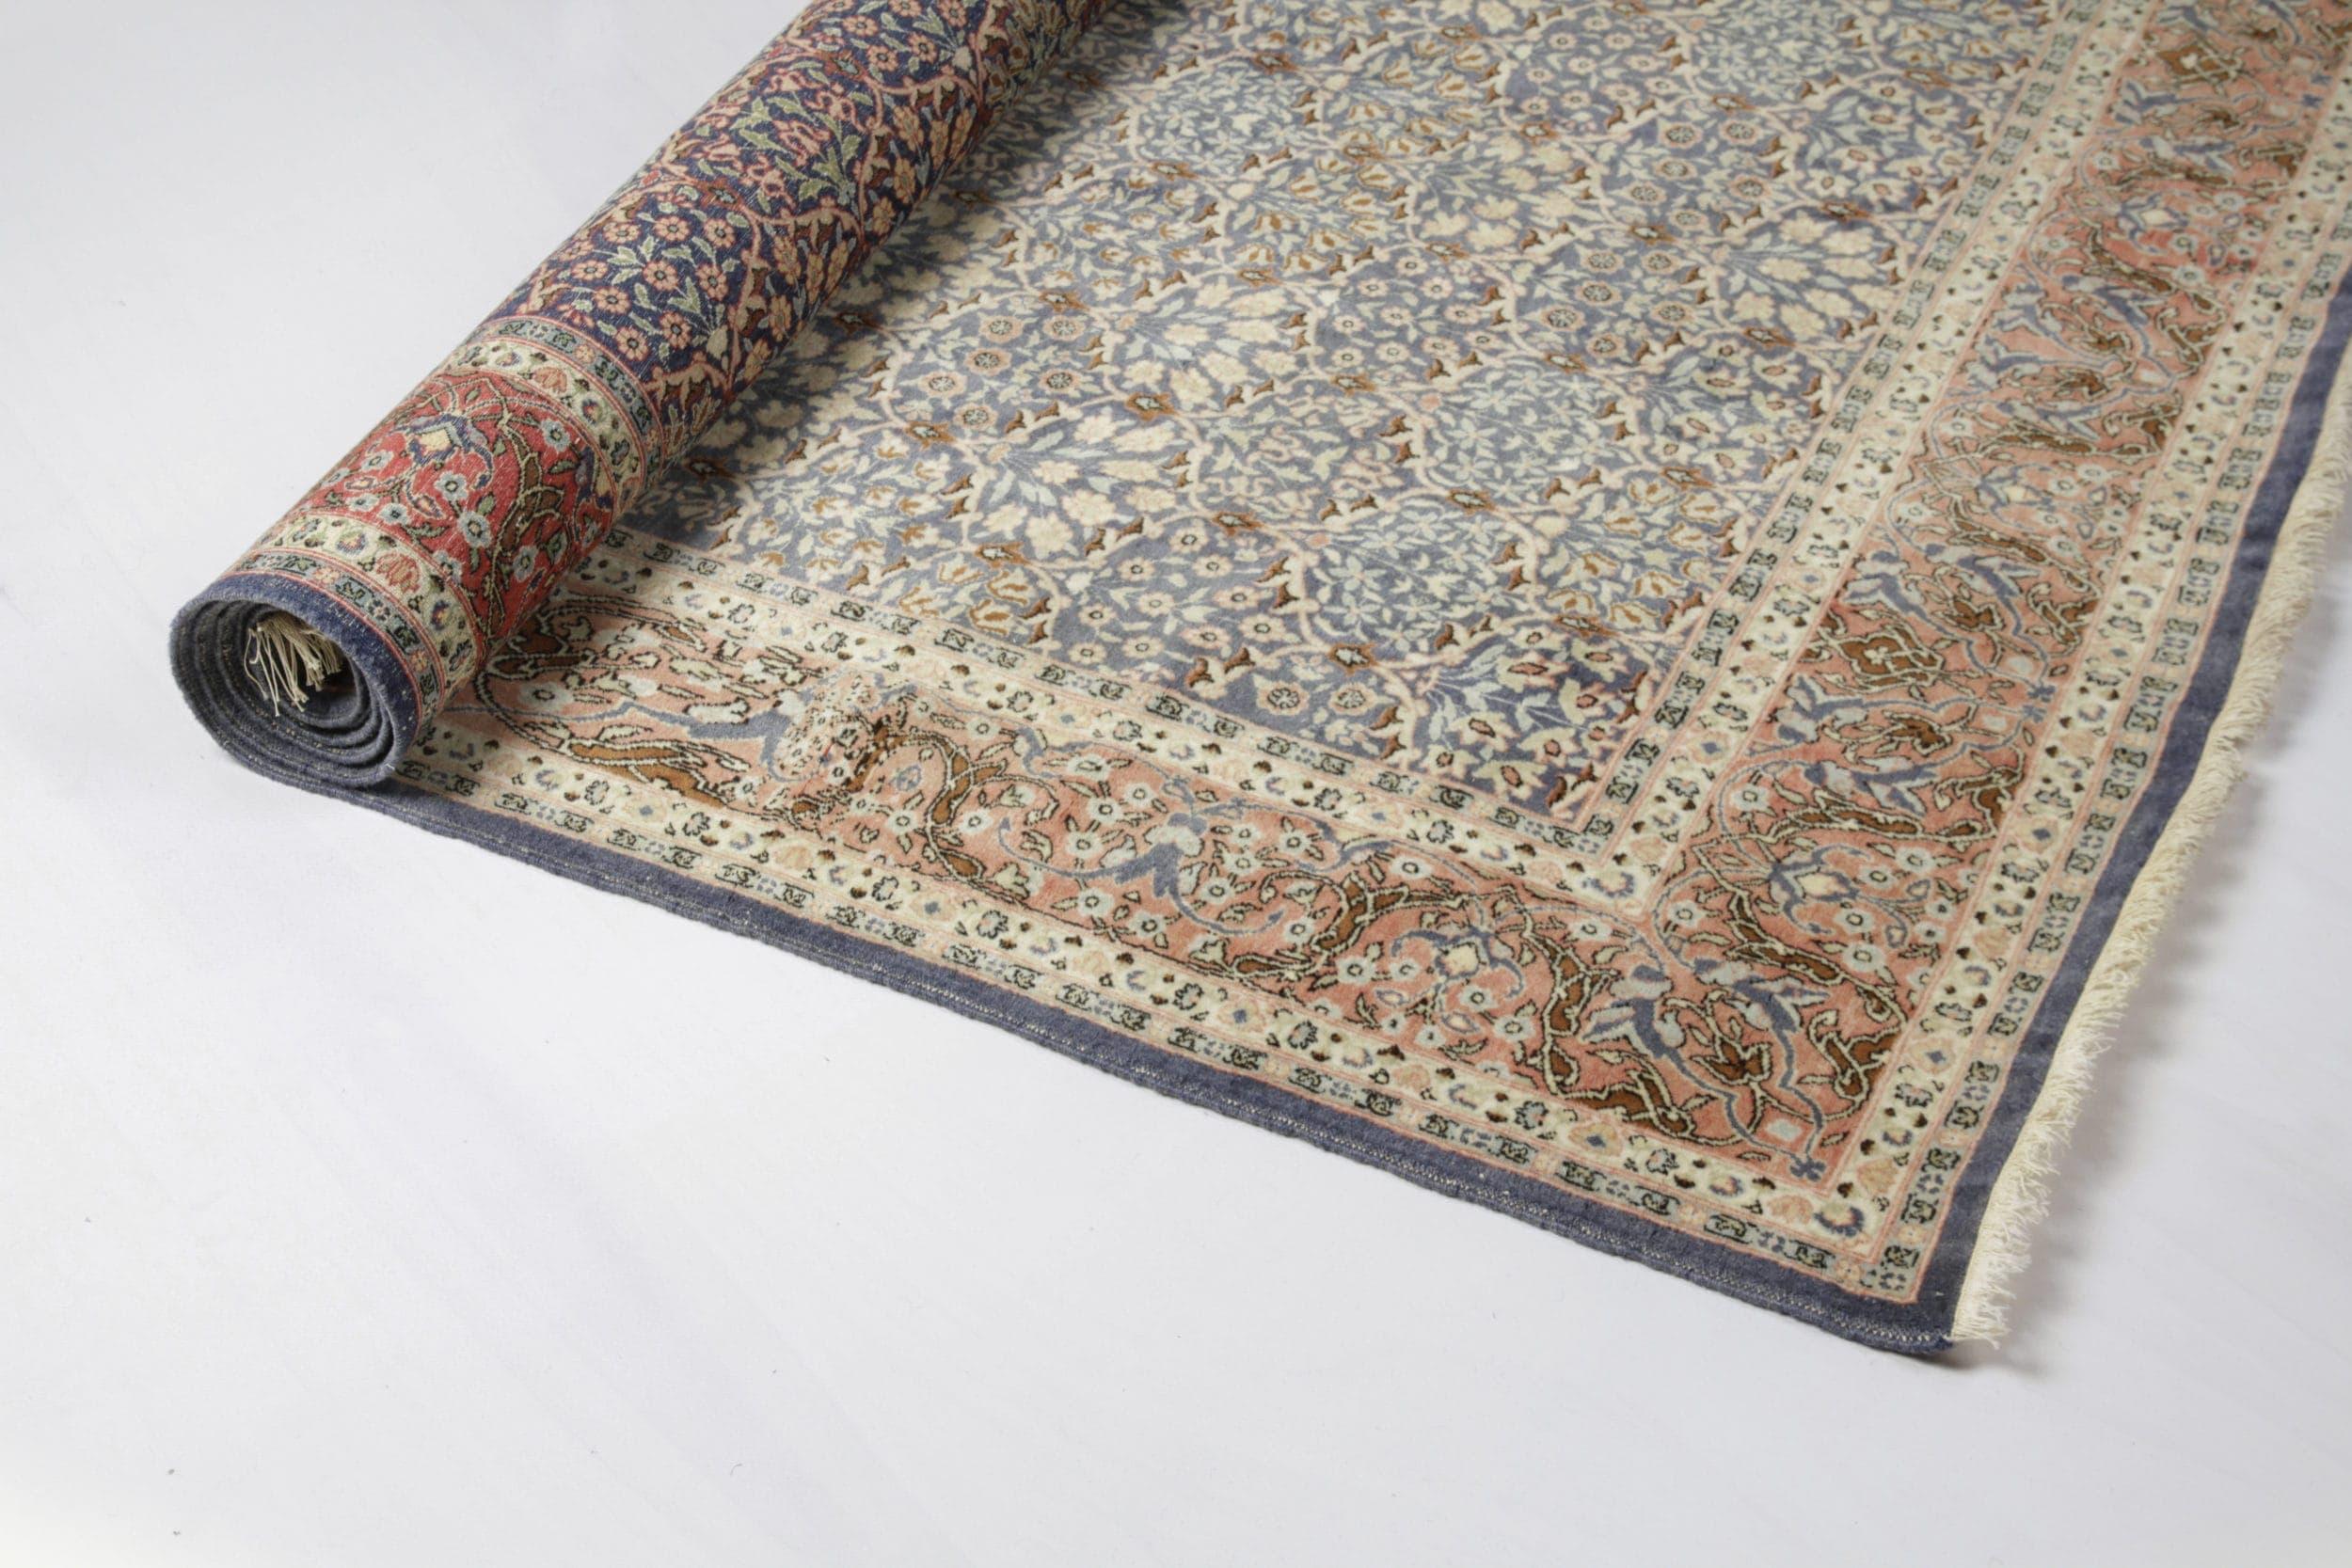 Orientteppich für Boho Dekoration mieten